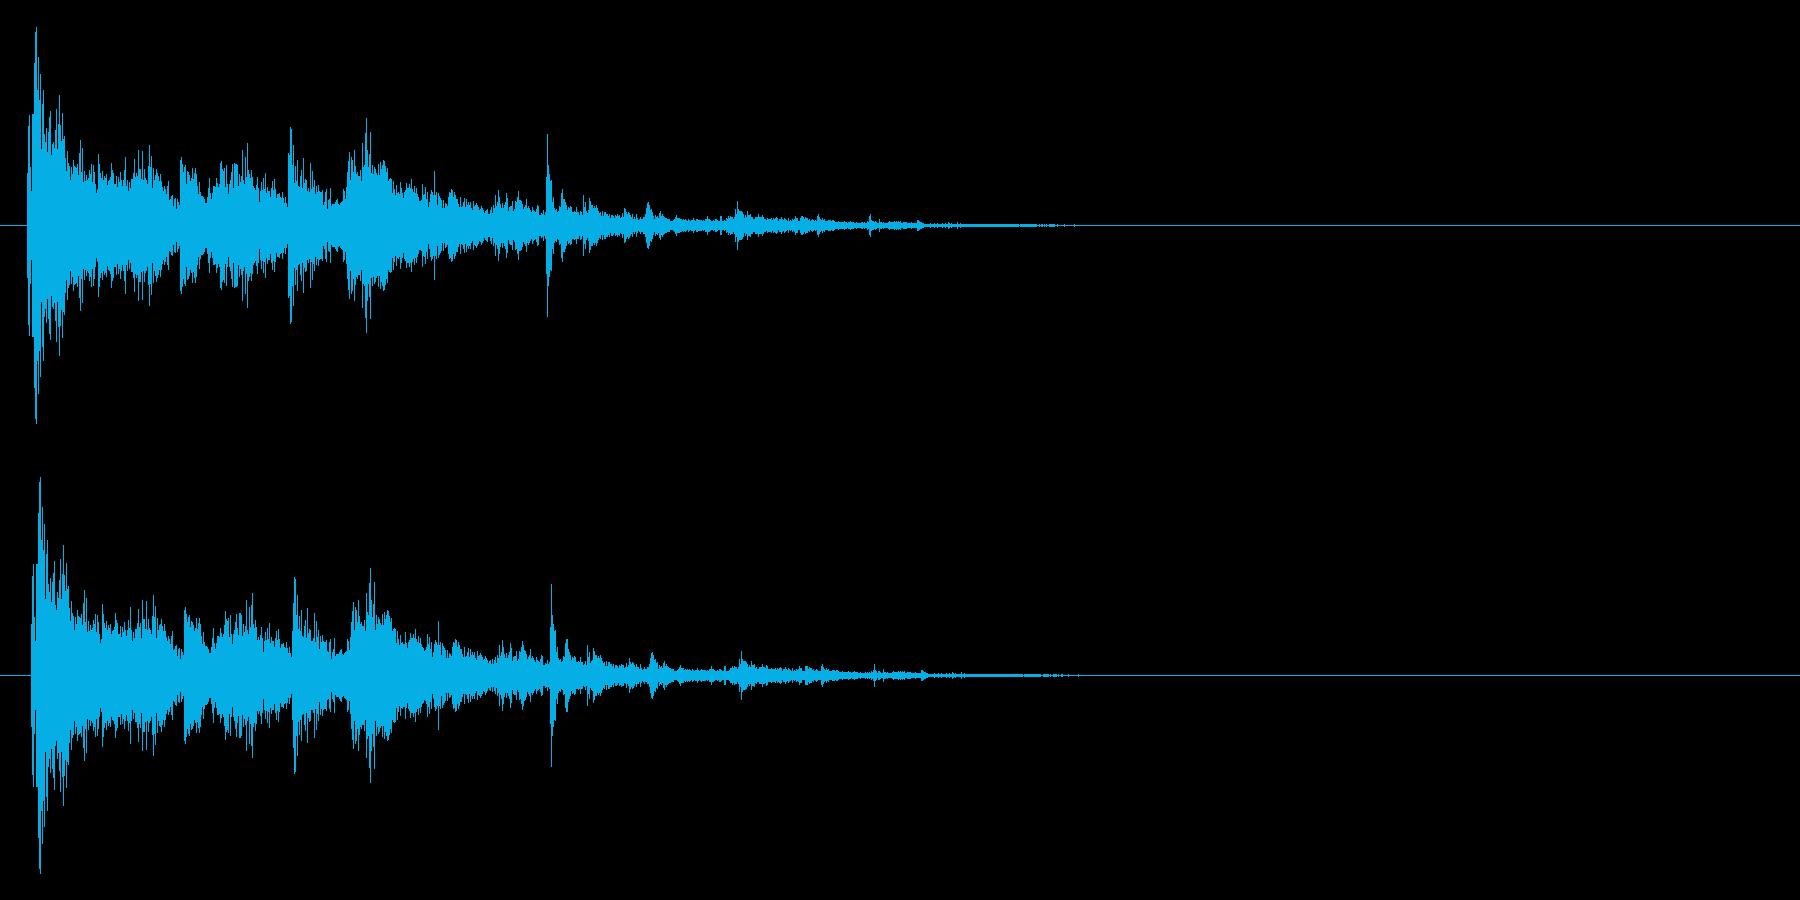 「ガシャーン」粉々にガラスの割れる音の再生済みの波形